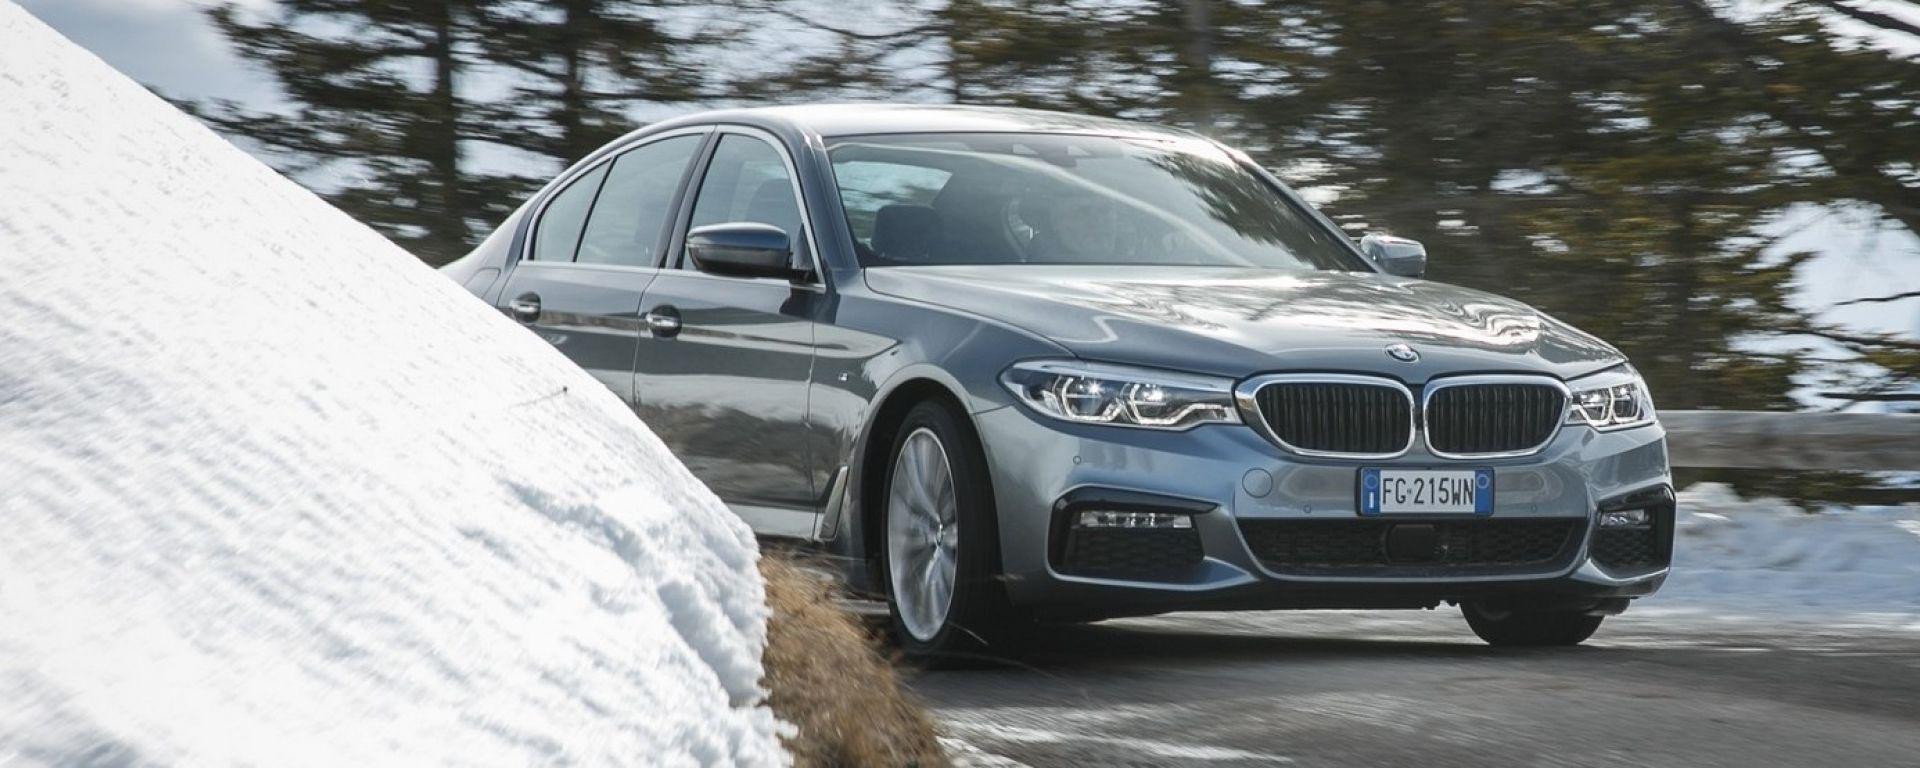 BMW xDrive Experience: al volante della Serie 5 MSport xDrive